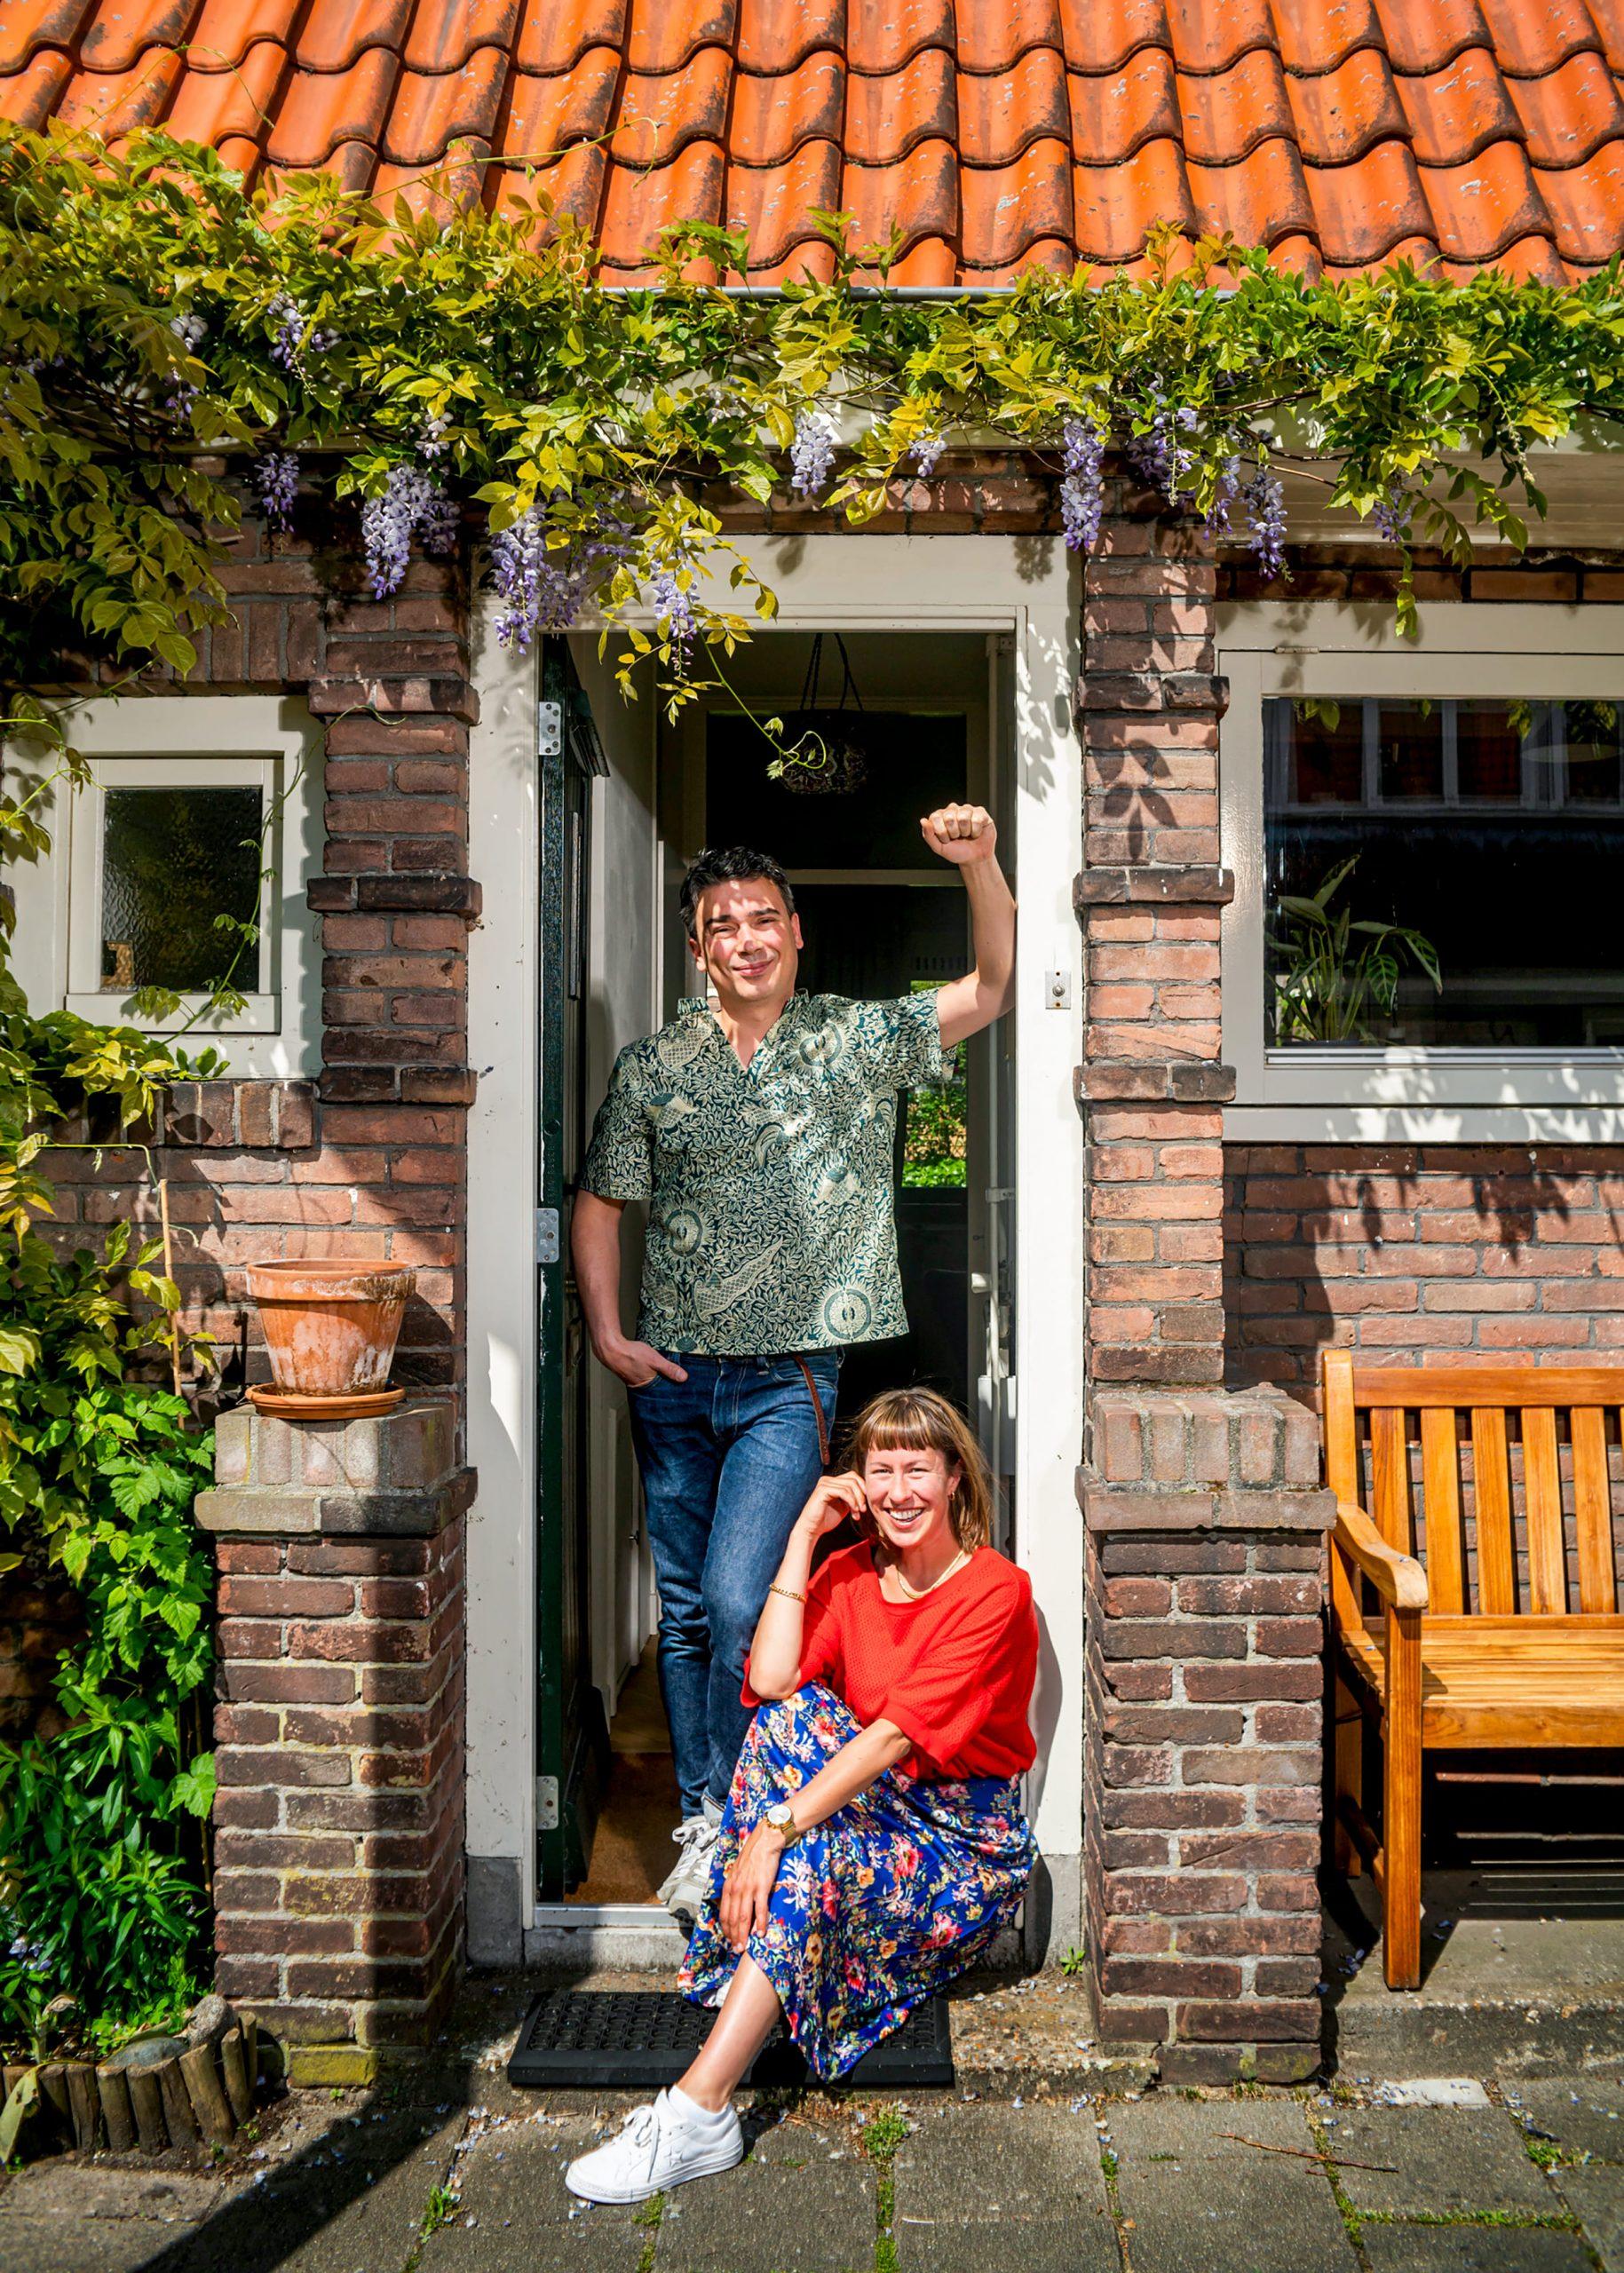 Bram en Joke voor hun woning tijdens de thuis quarantine door het Coronavirus.